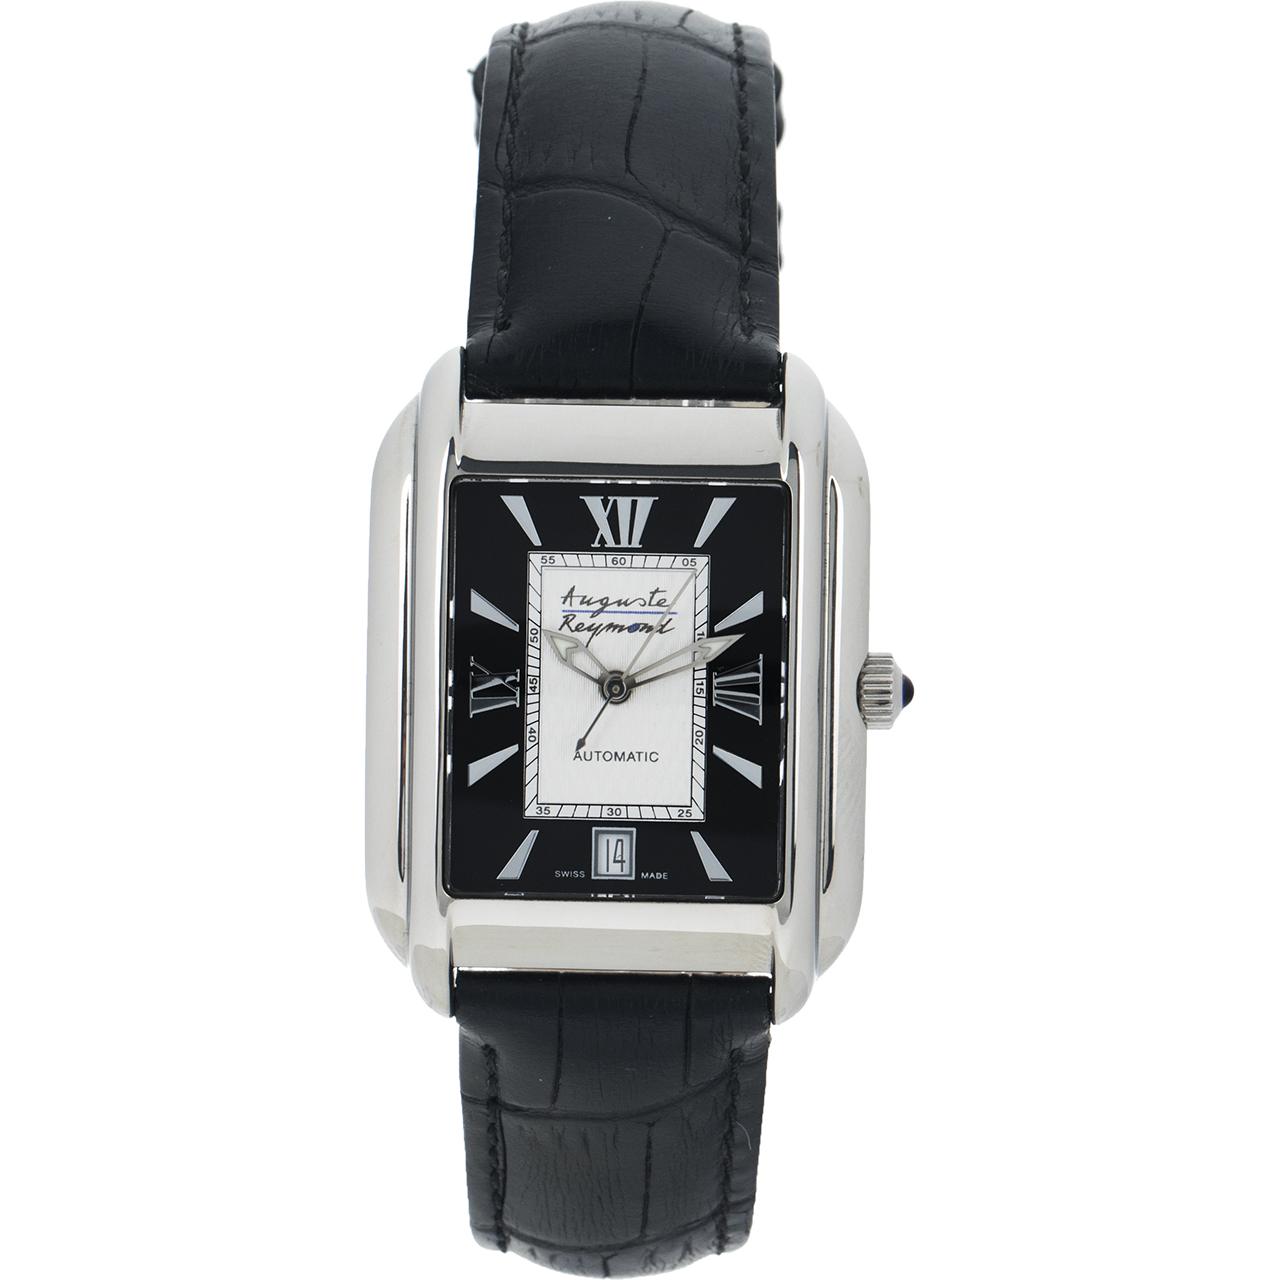 ساعت مچی عقربه ای مردانه آگوست ریموند مدل M-69B170-38D